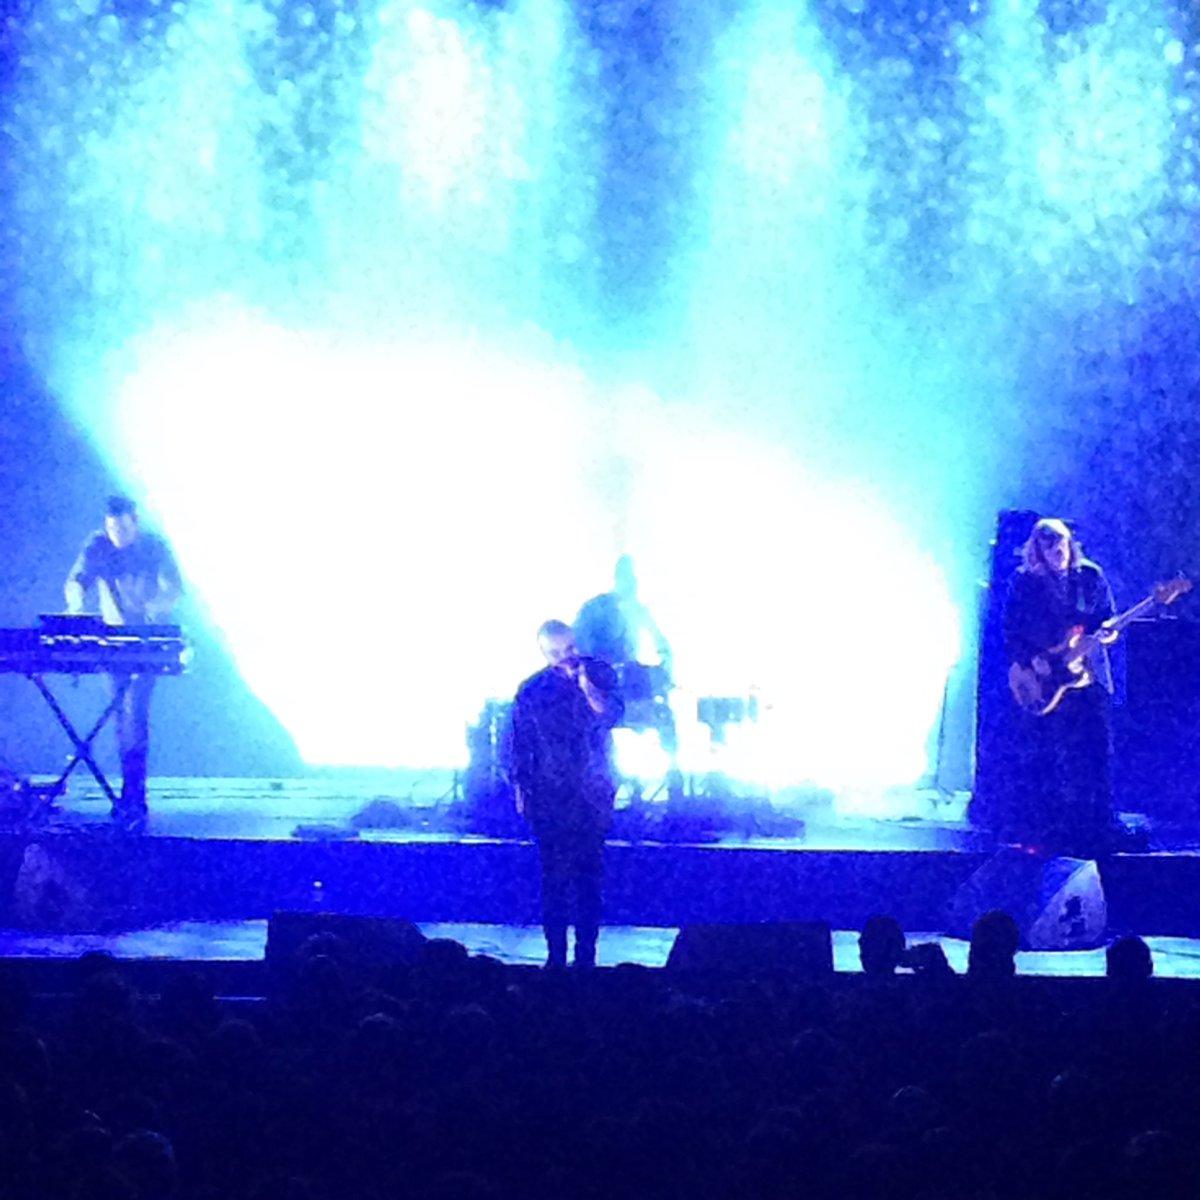 Een band die gimme gimme gimme van #ABBA gebruikt als intro voor hun concert, stijgt onmiddellijk uit boven zichzelf! Heerlijk #futureisland #SamuelTHerring @ABconcerts